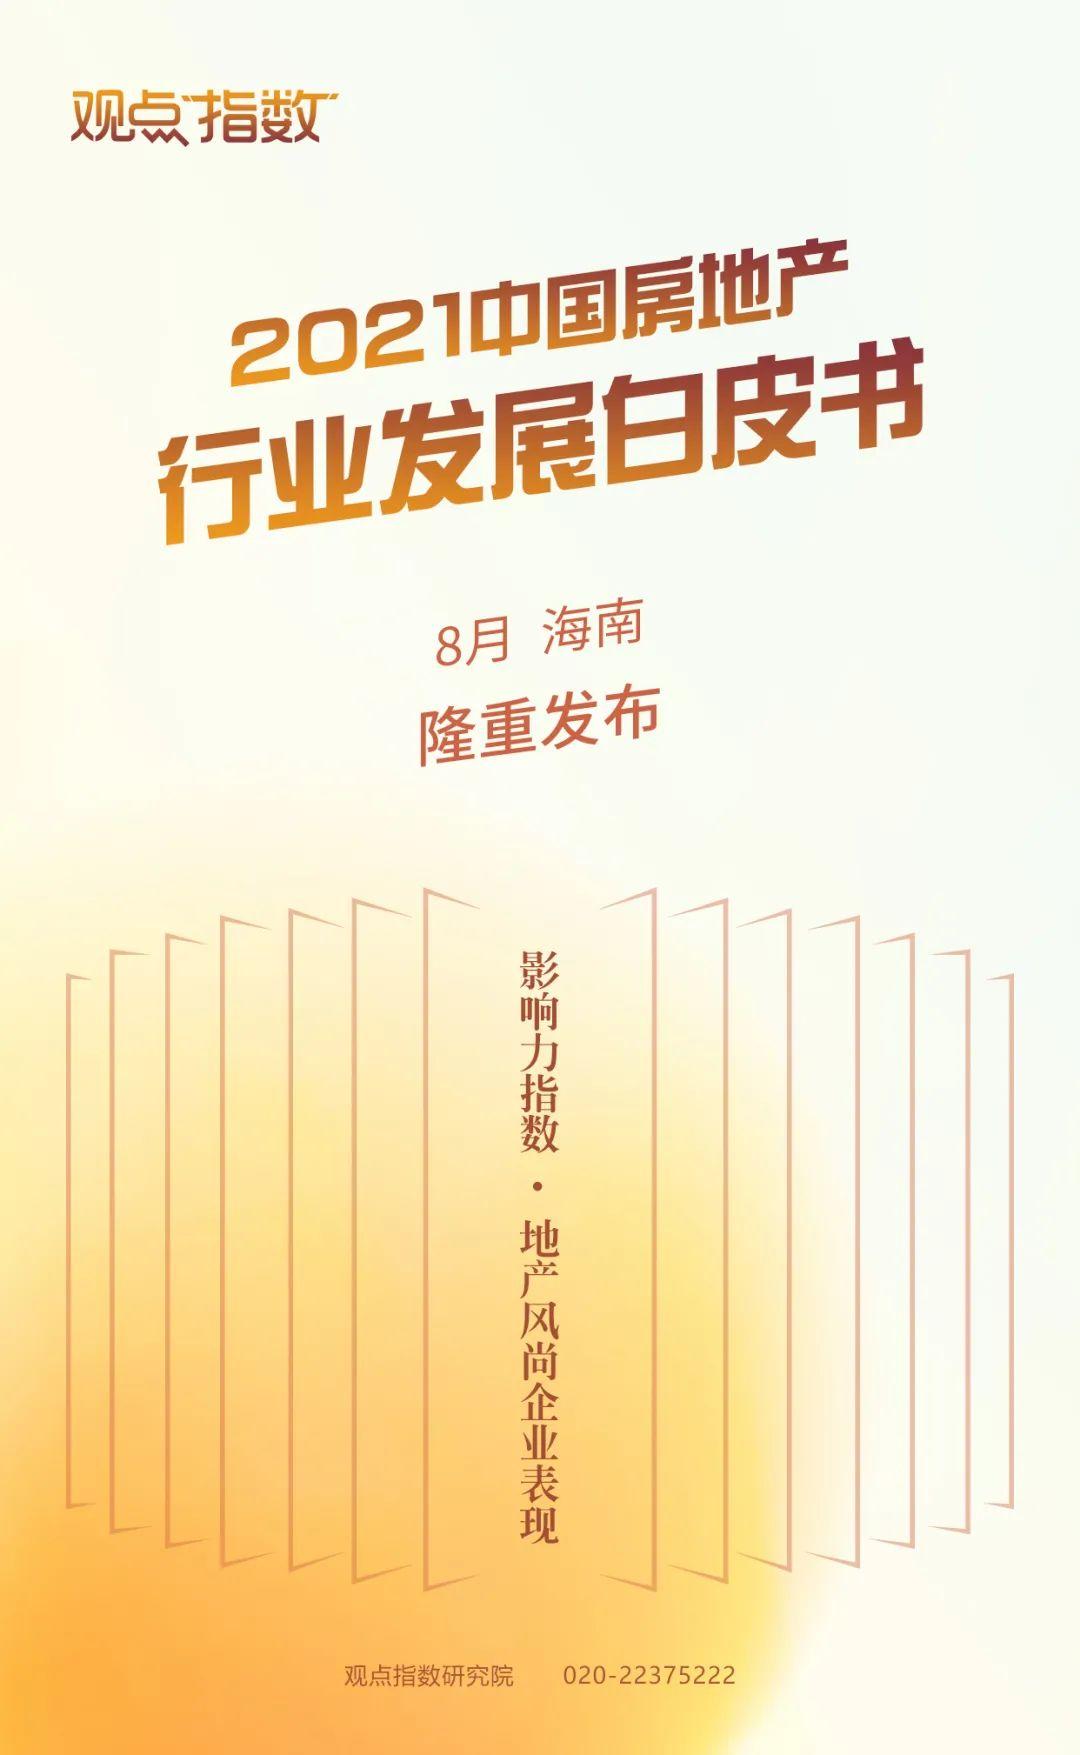 政经谭   住建部推进县城绿色低碳建设 北京户籍改革政策落地